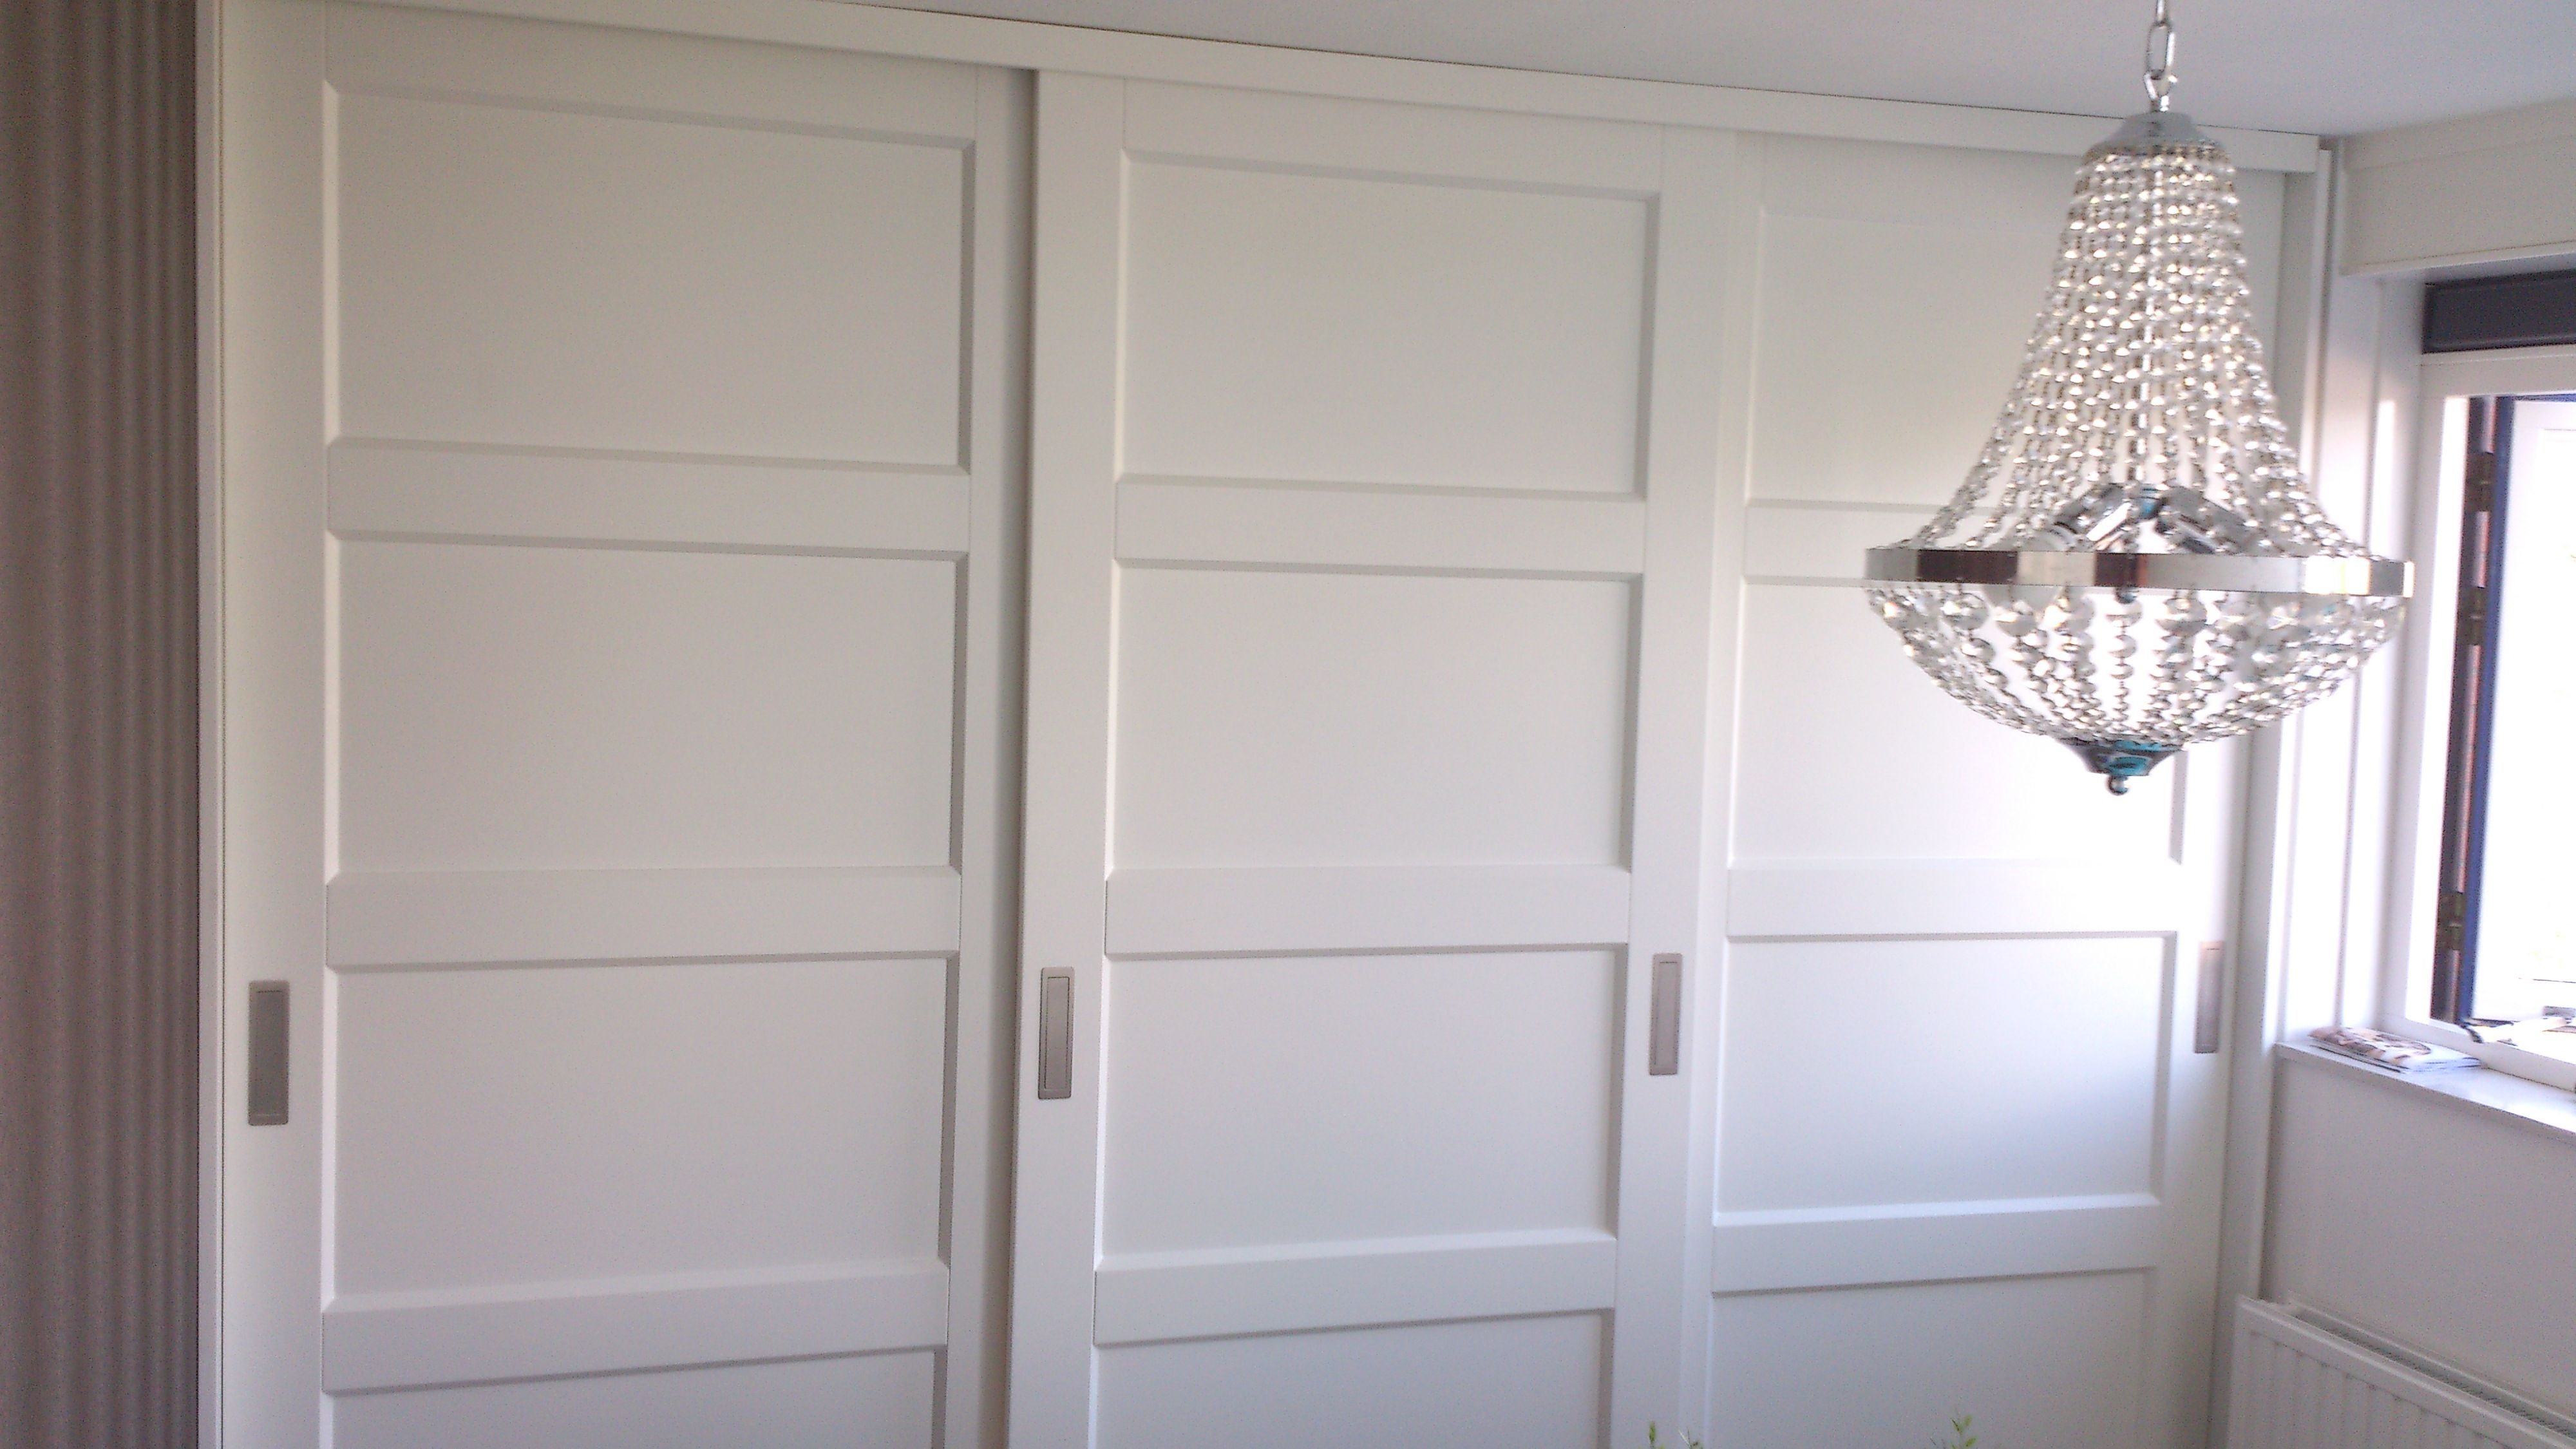 inbouwkast schuifdeuren | Slaapkamer | Pinterest | Closet doors ...